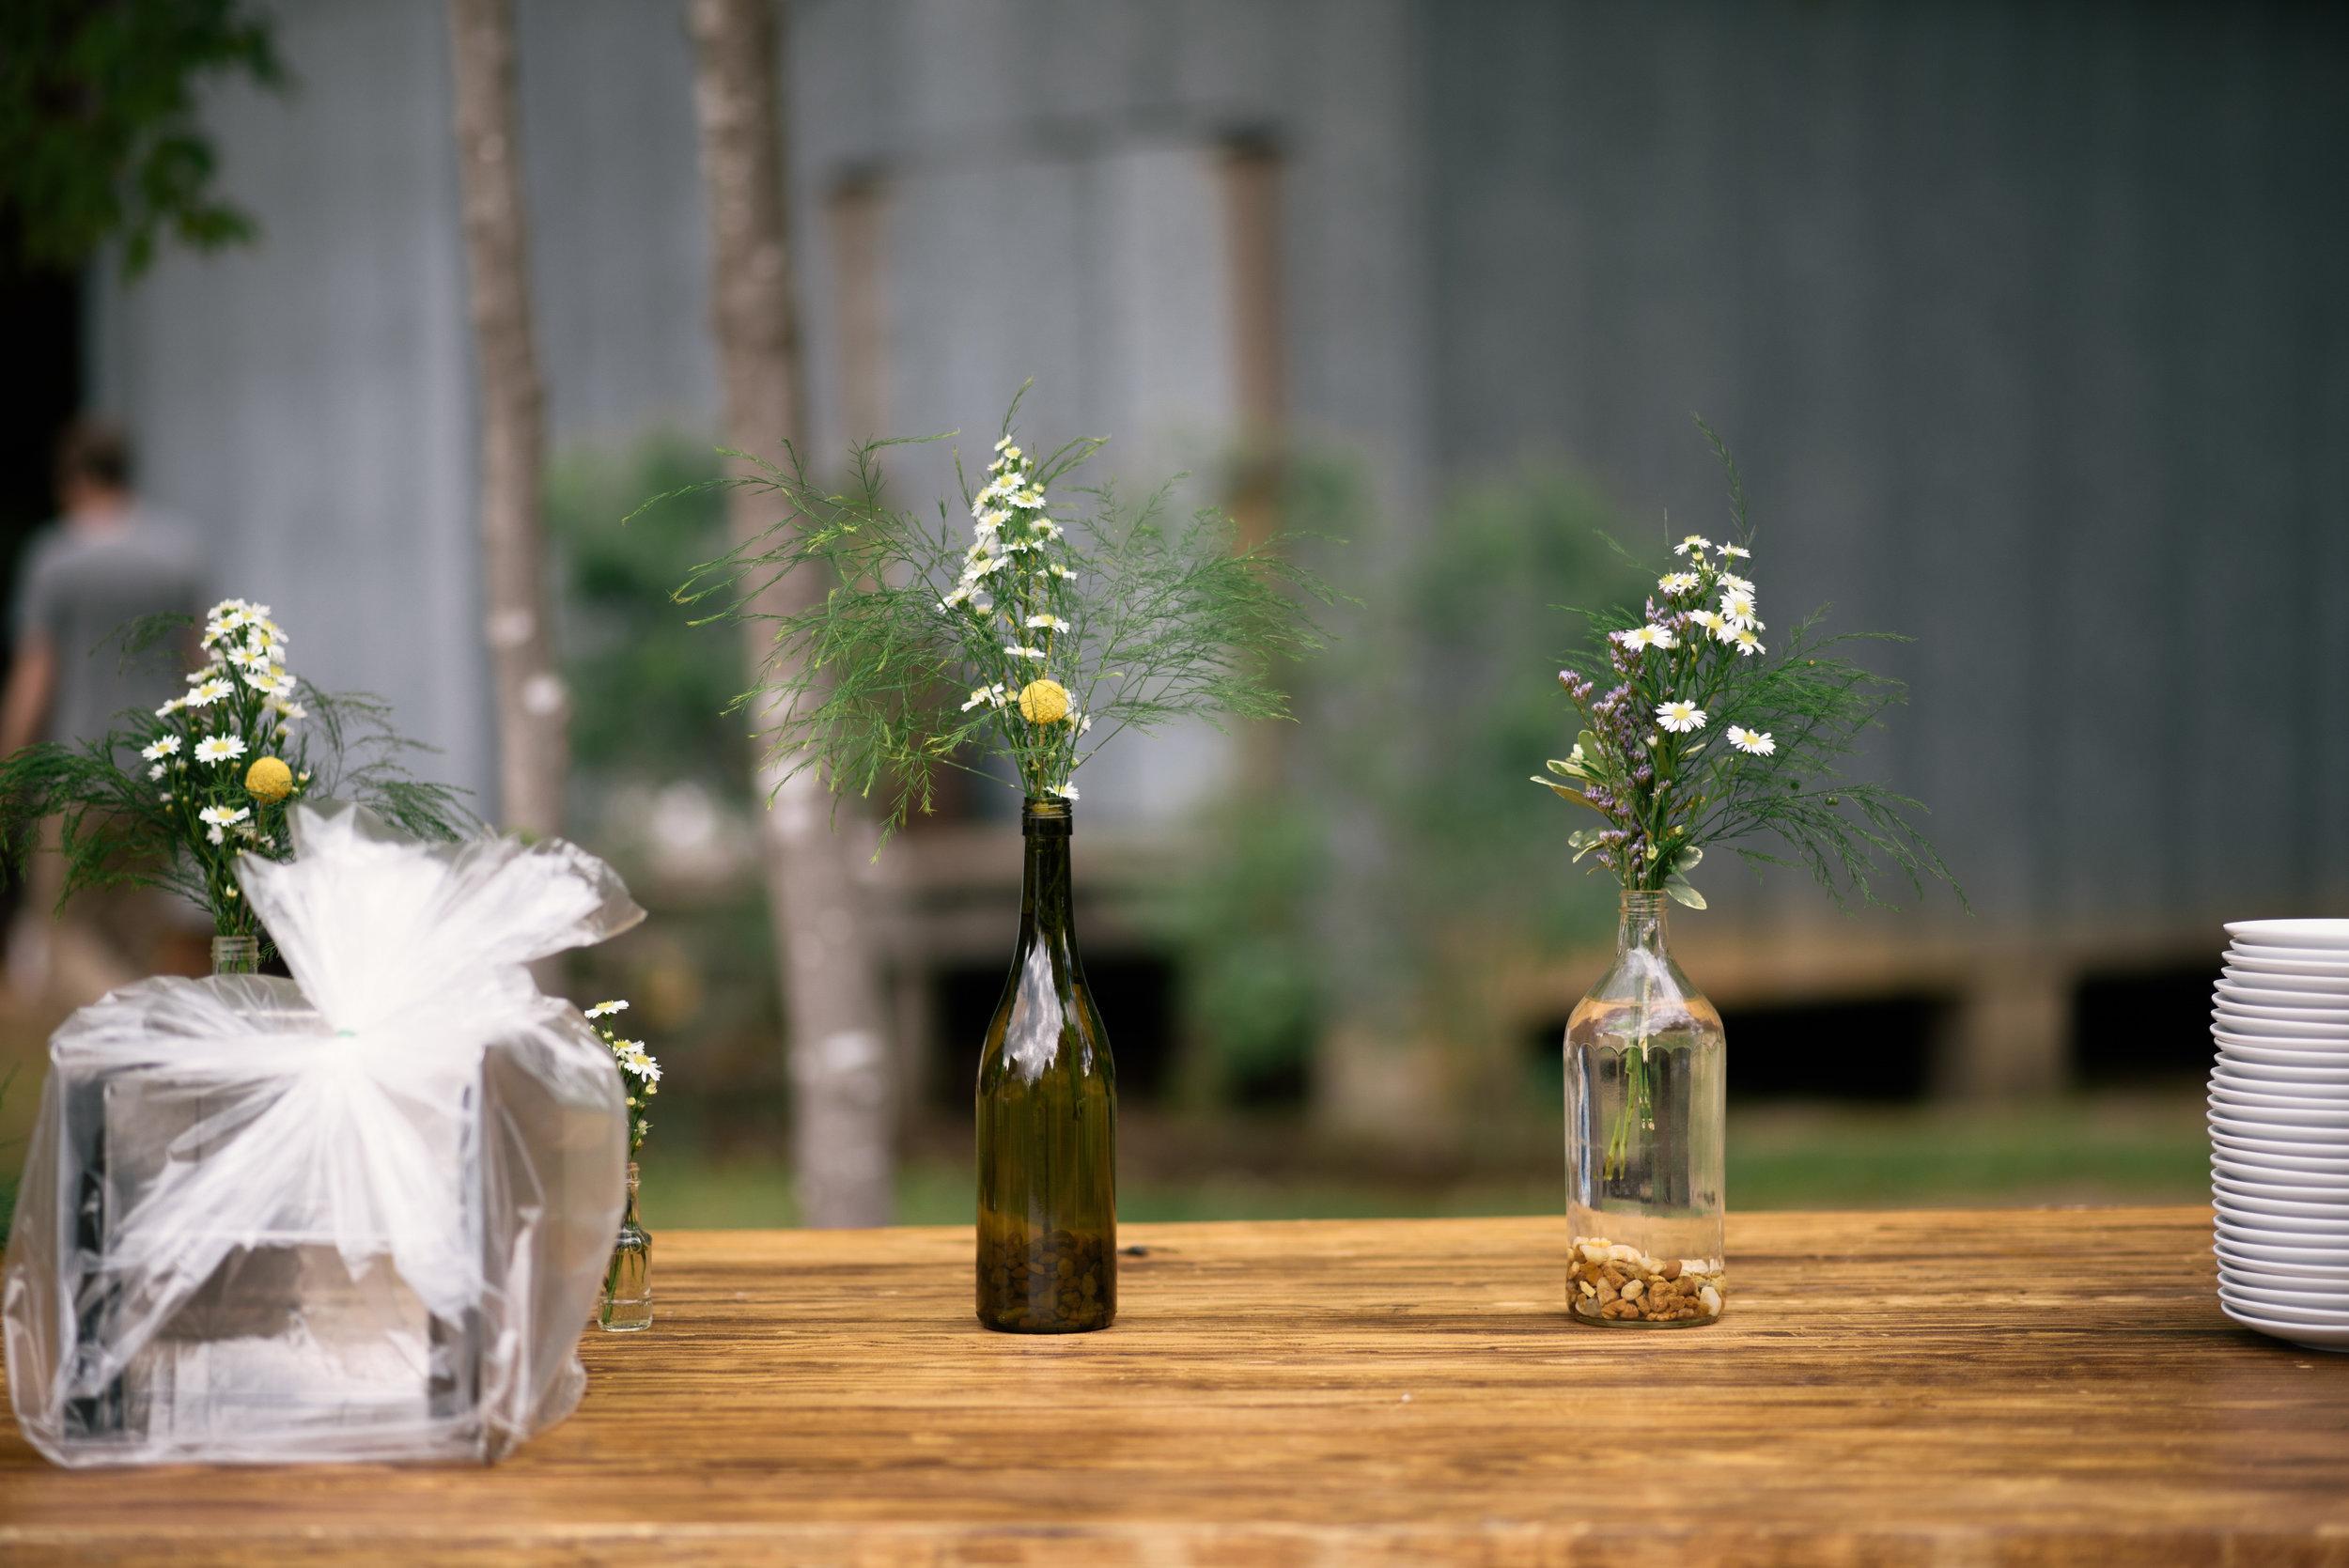 raleigh-elopement-photographer-raleigh-durham-wedding-maddie-and-devin- (70 of 162).jpg